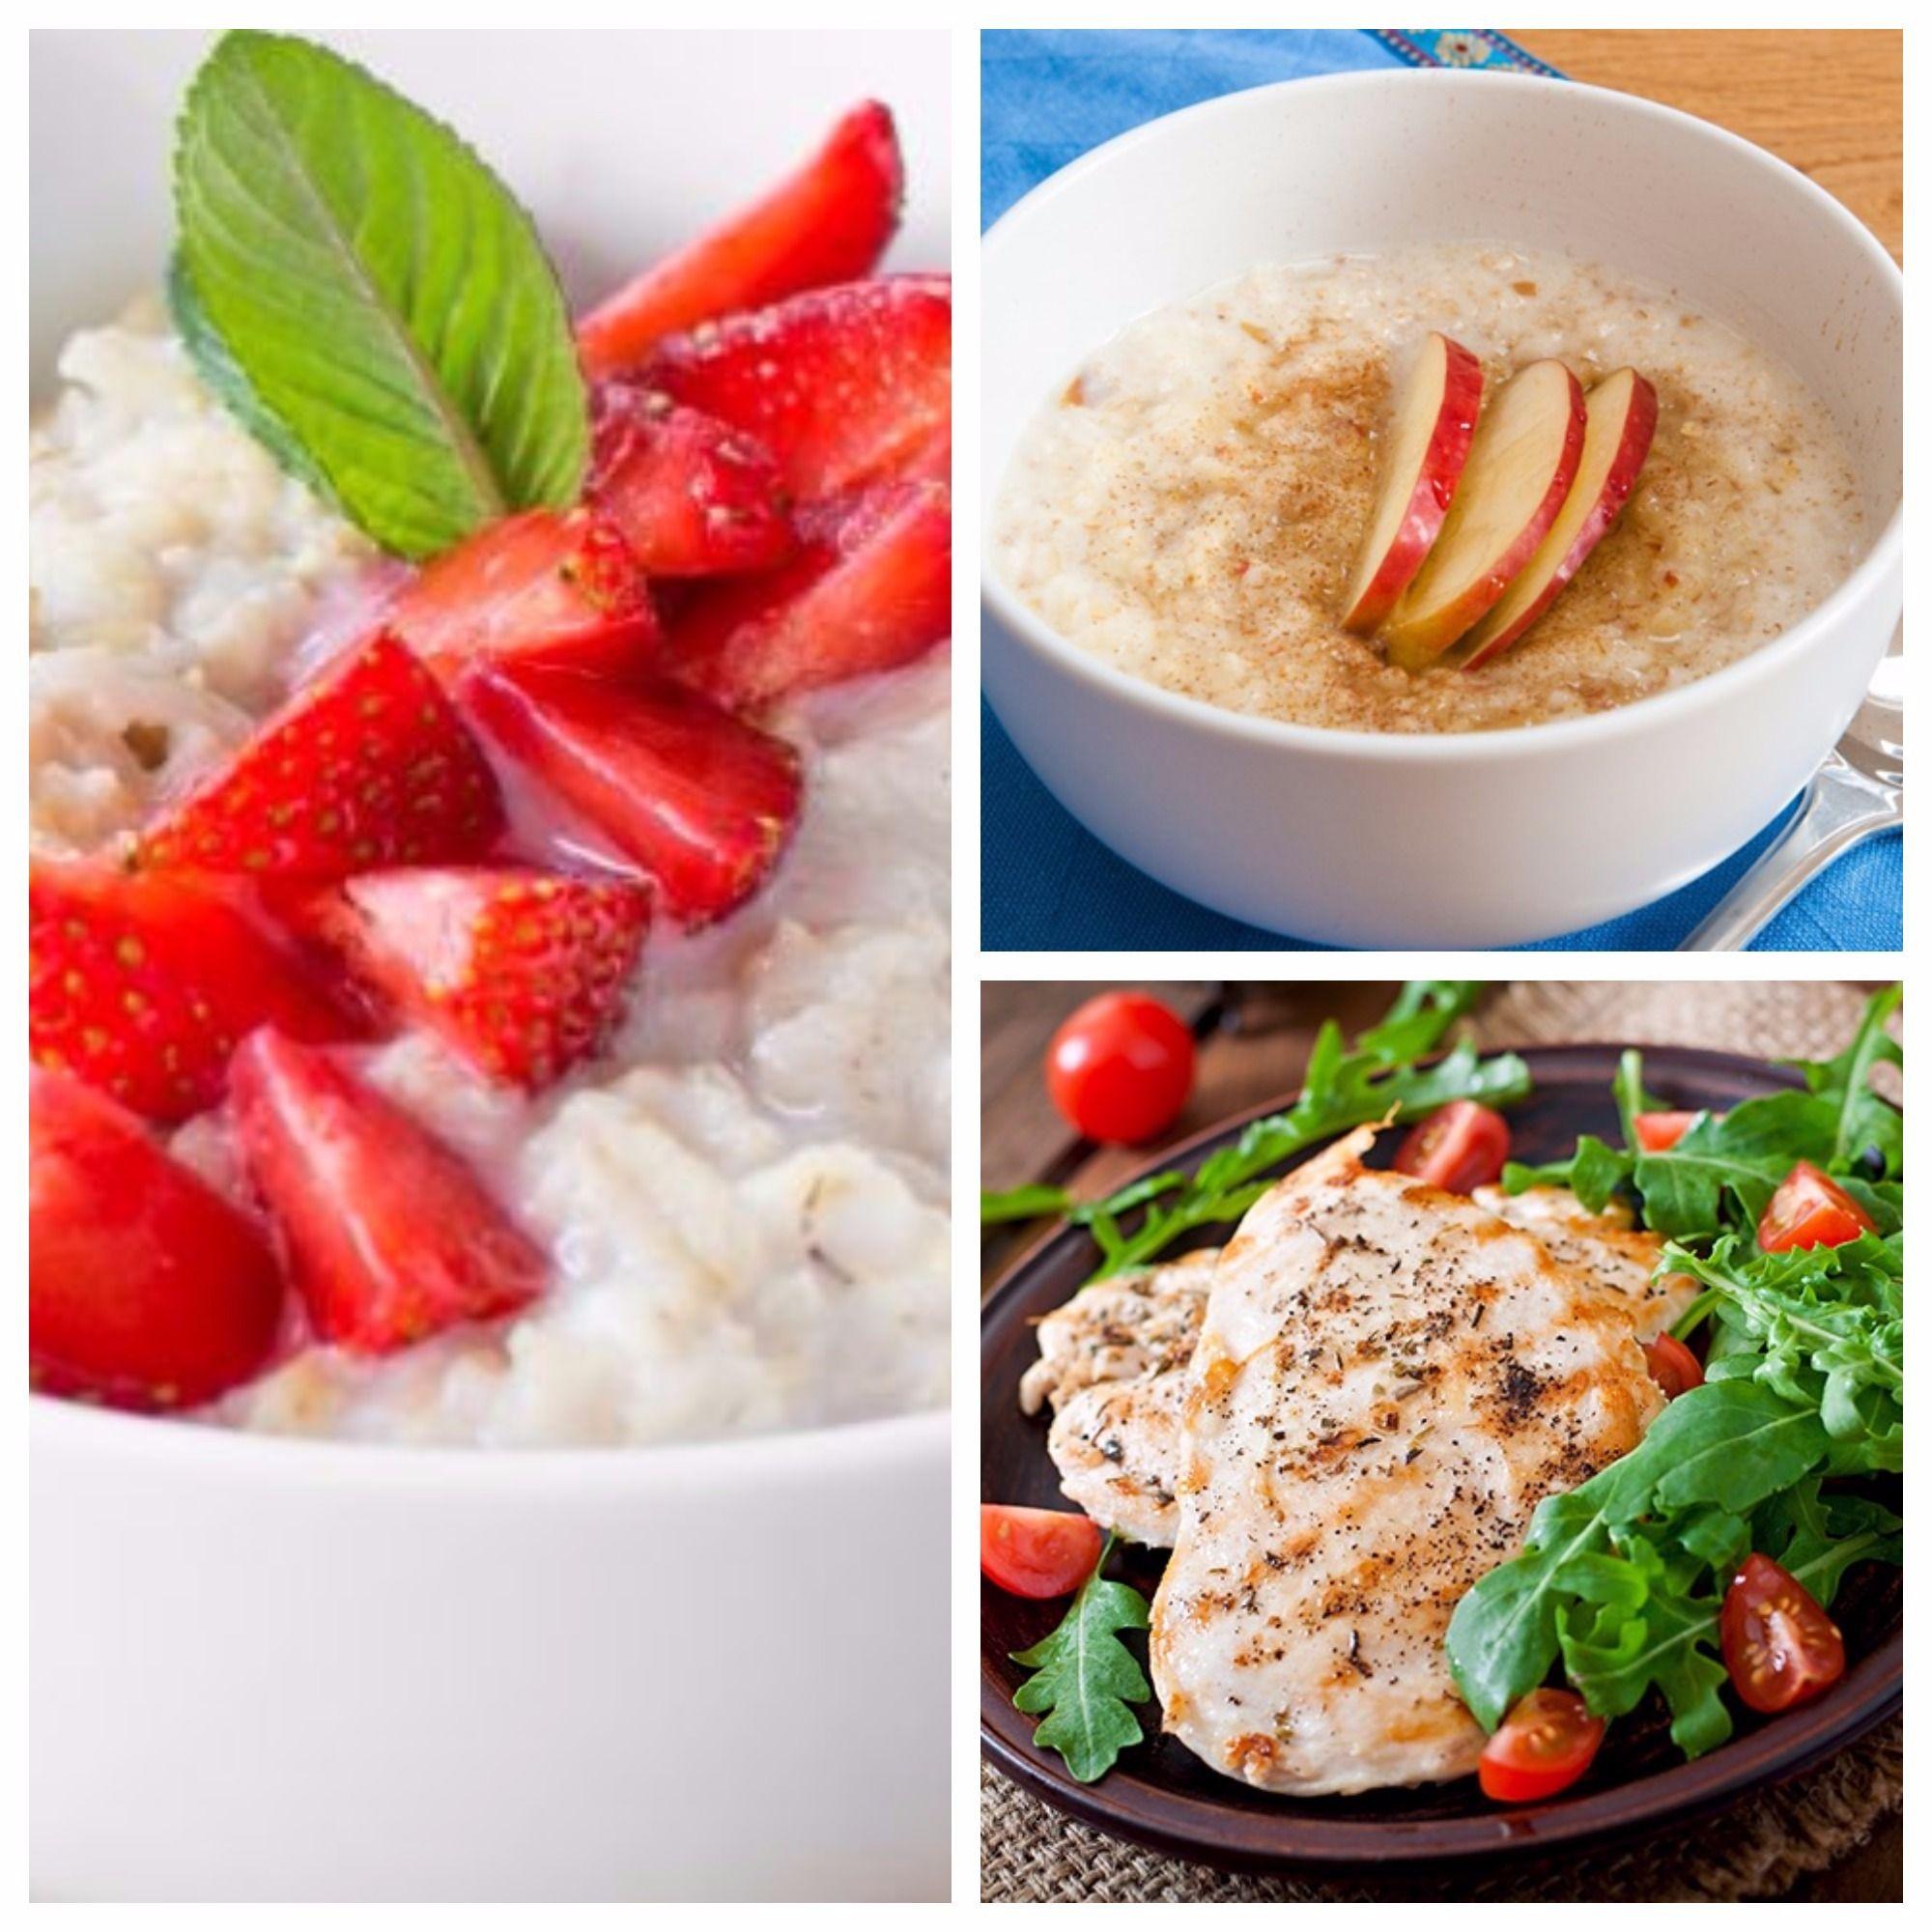 gyorsan zsírégető étkezések az üzemanyag zsírégetők elleni küzdelem